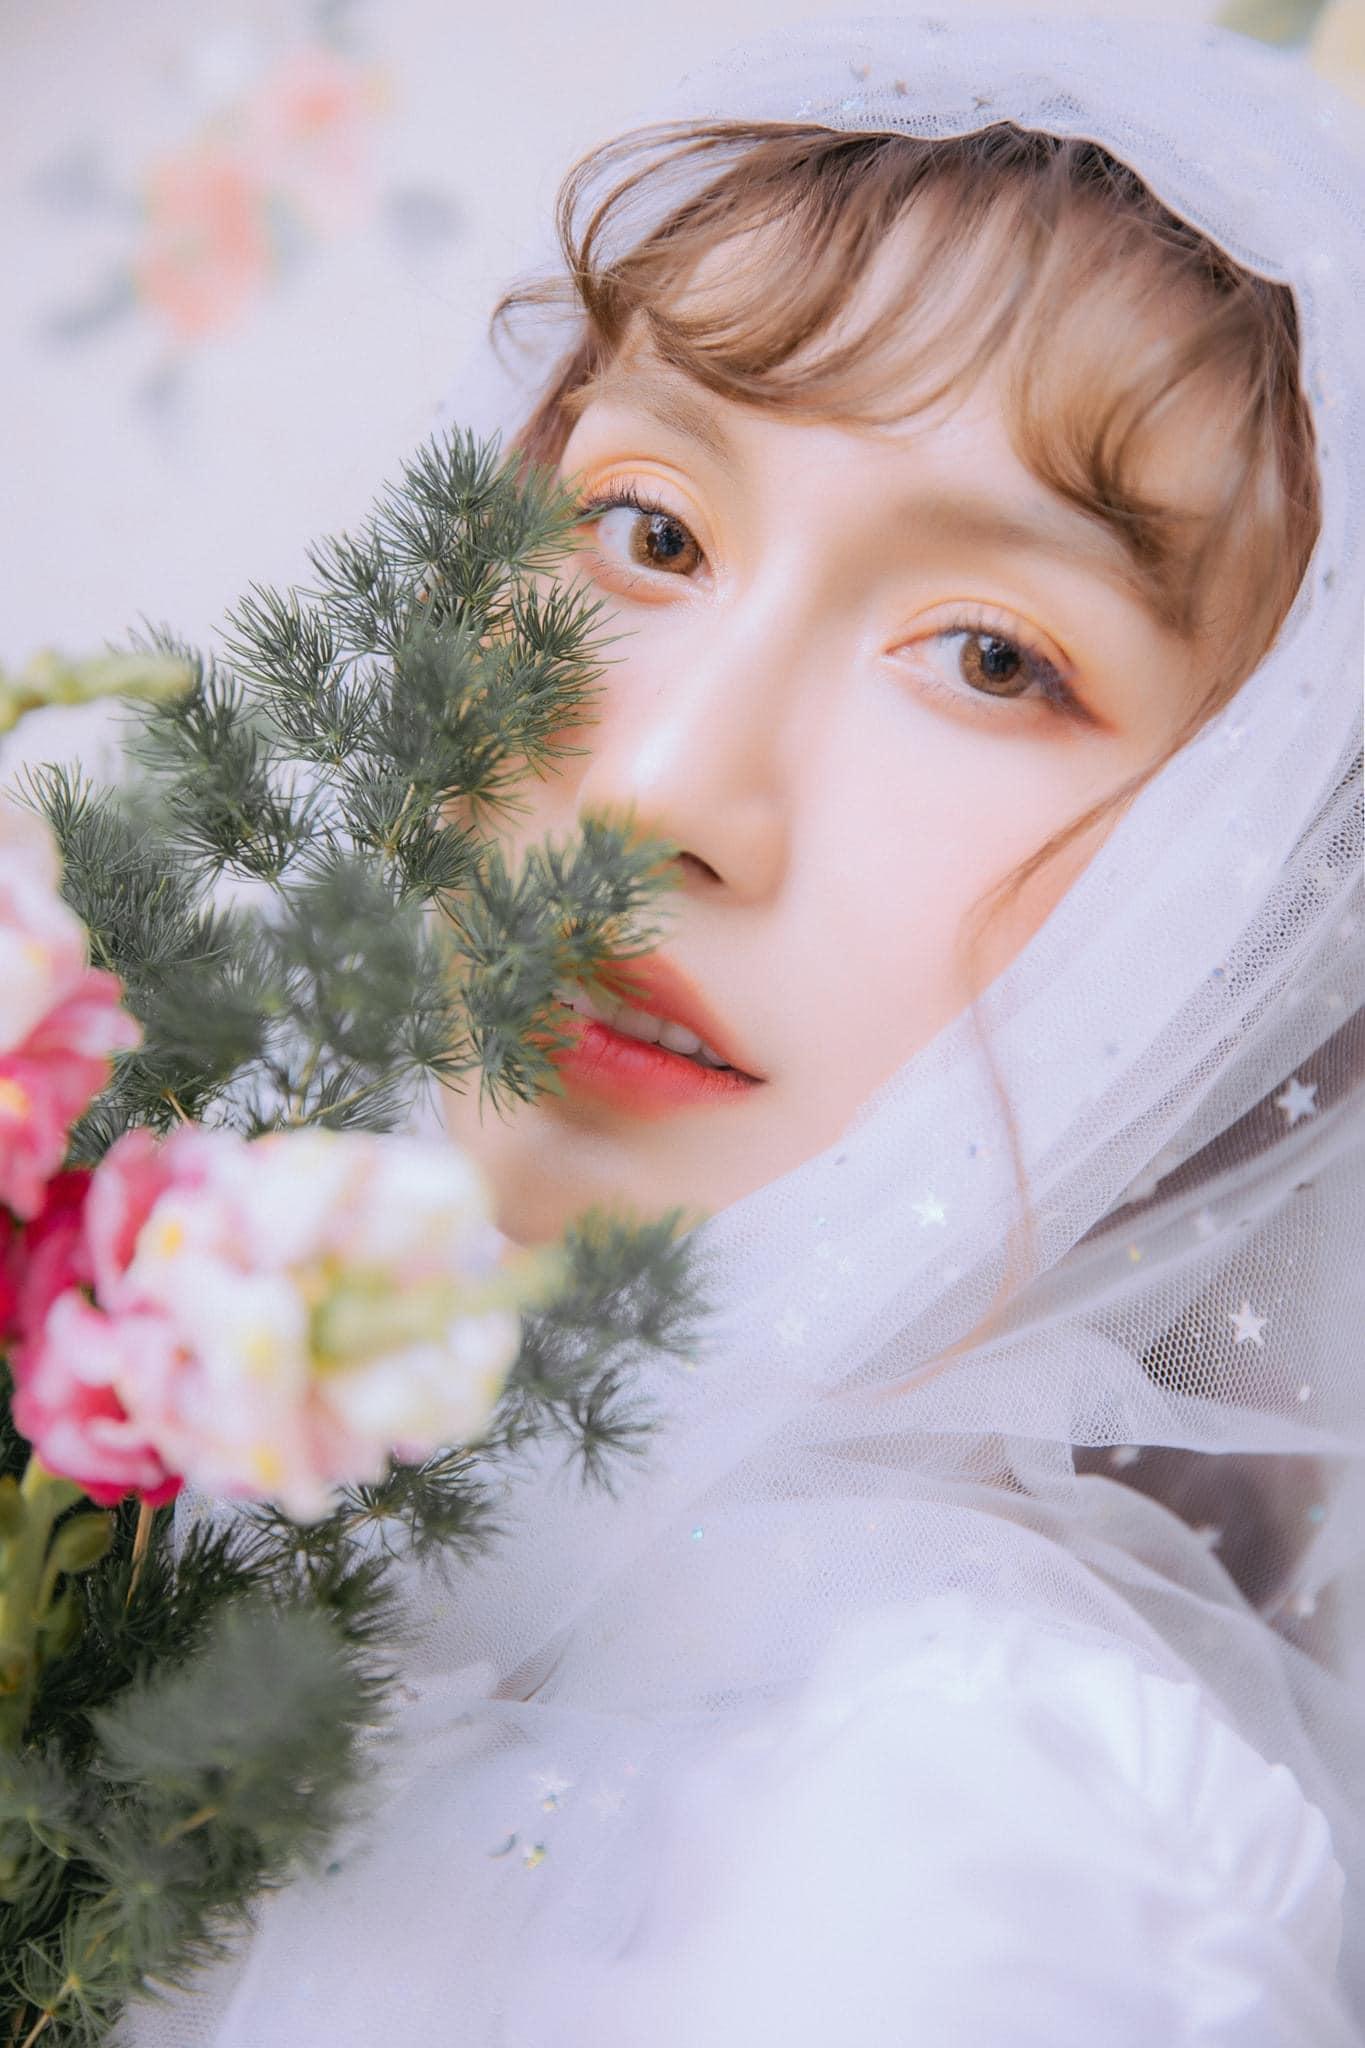 Lynk Lee đẹp mơ màng trong bộ ảnh mới với concept 'thiếu nữ bên hoa'